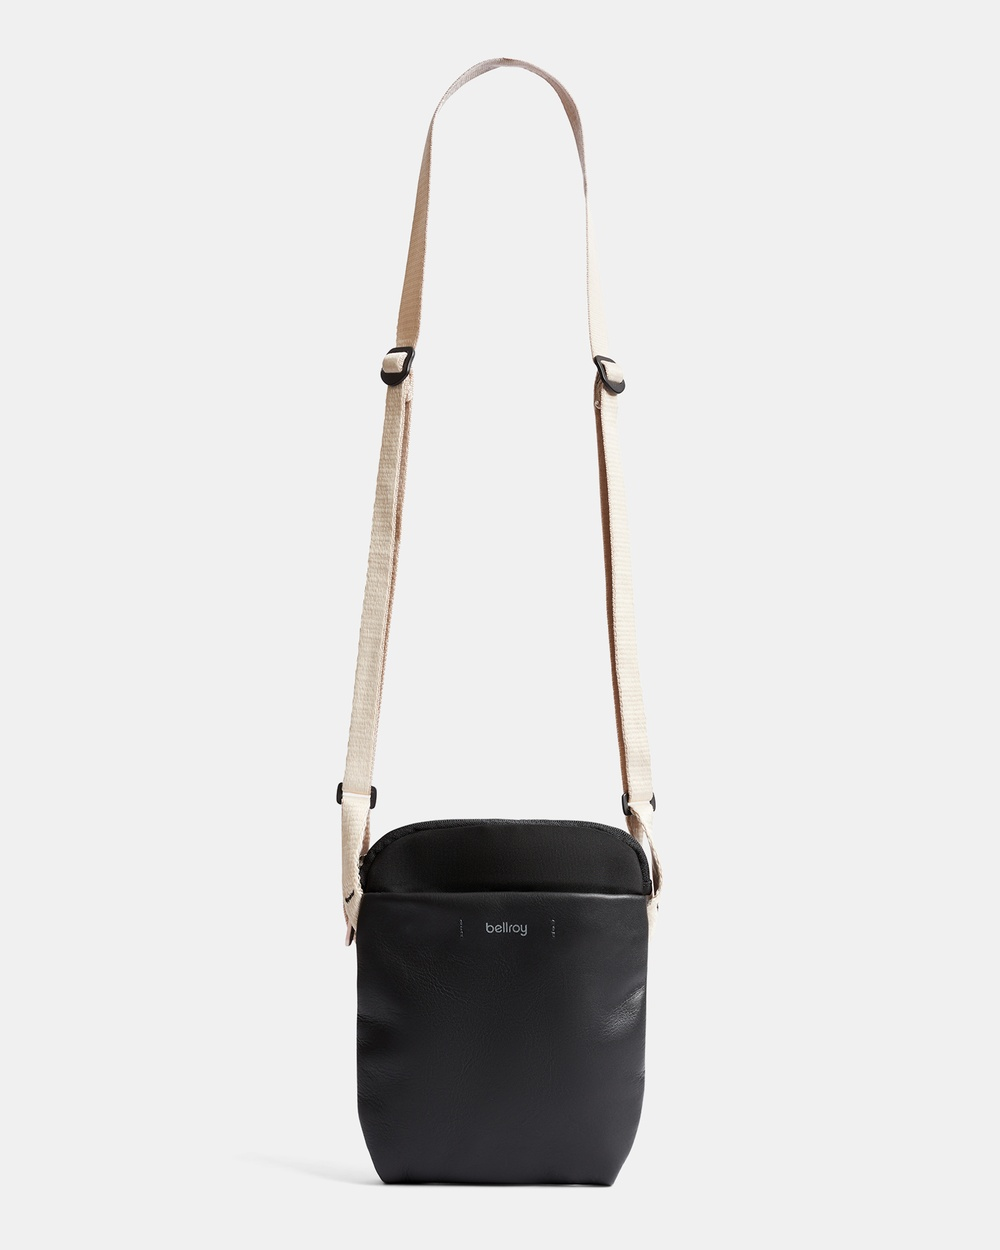 Bellroy City Pouch Premium Bum Bags Black